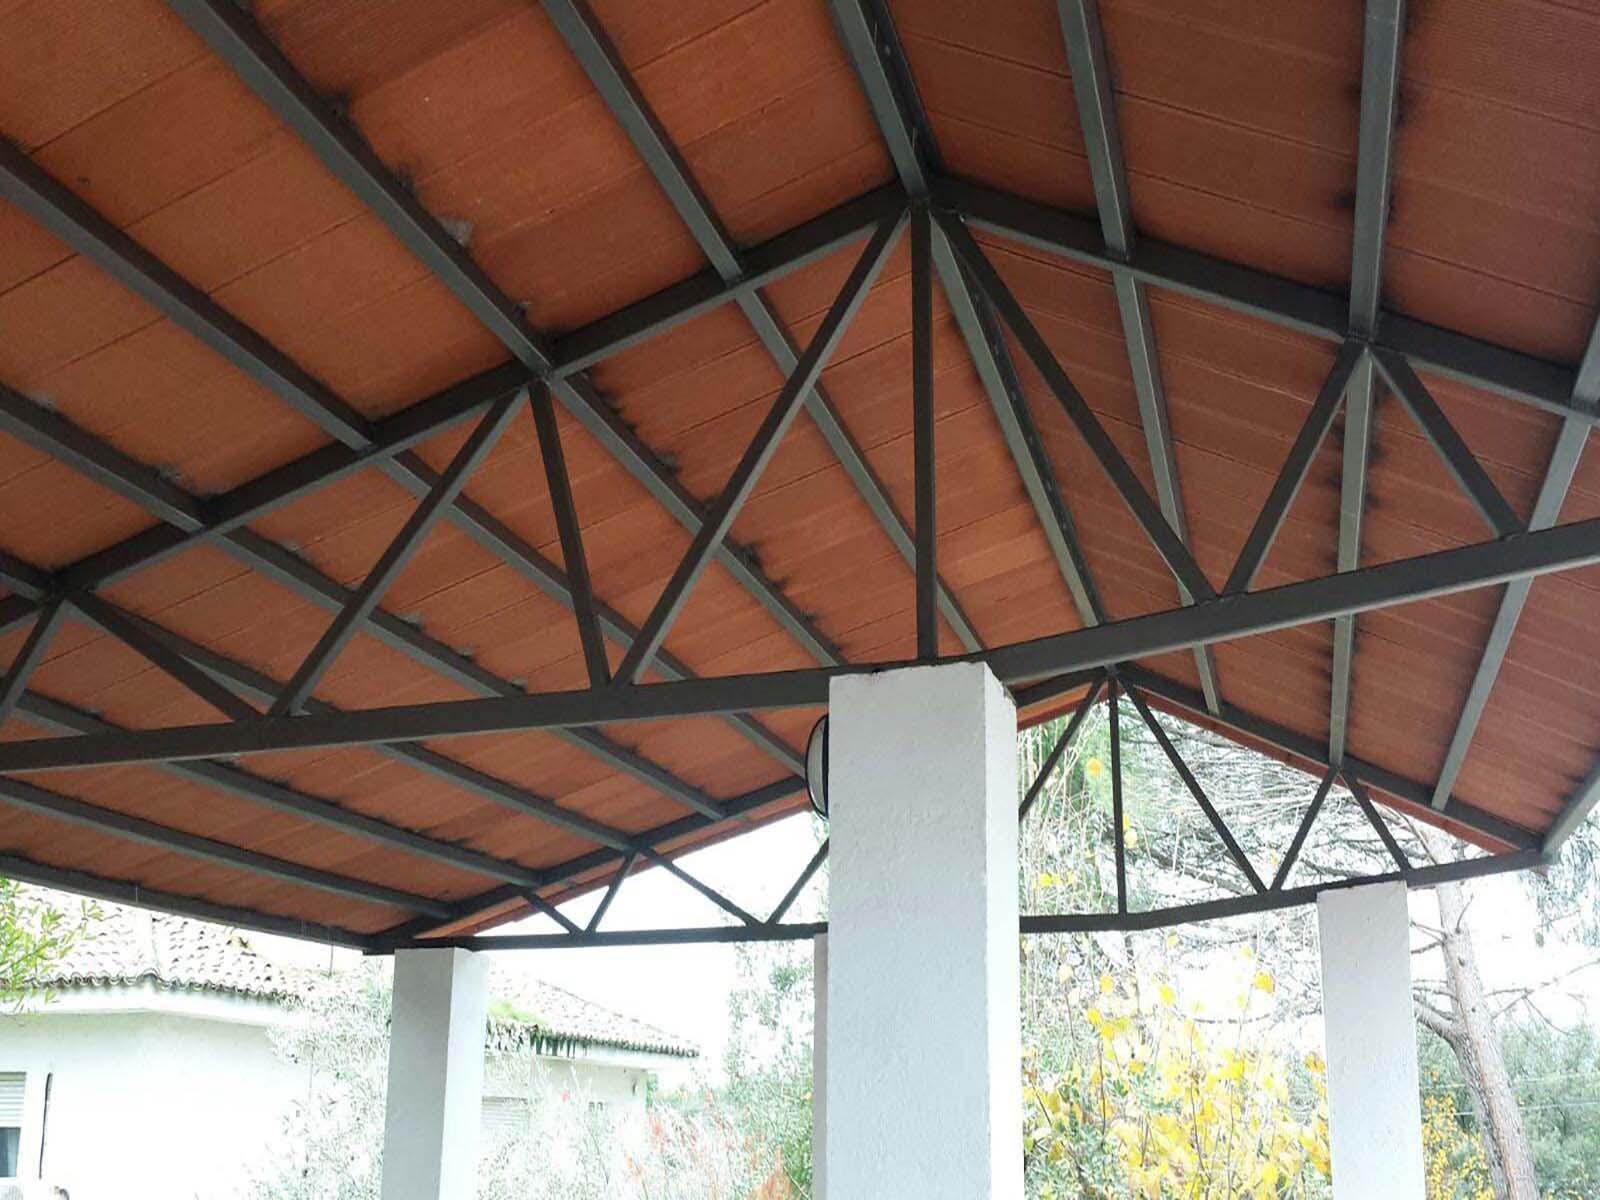 Escaparates y estructuras exterior para techado de porche por Cerrajería Keymar